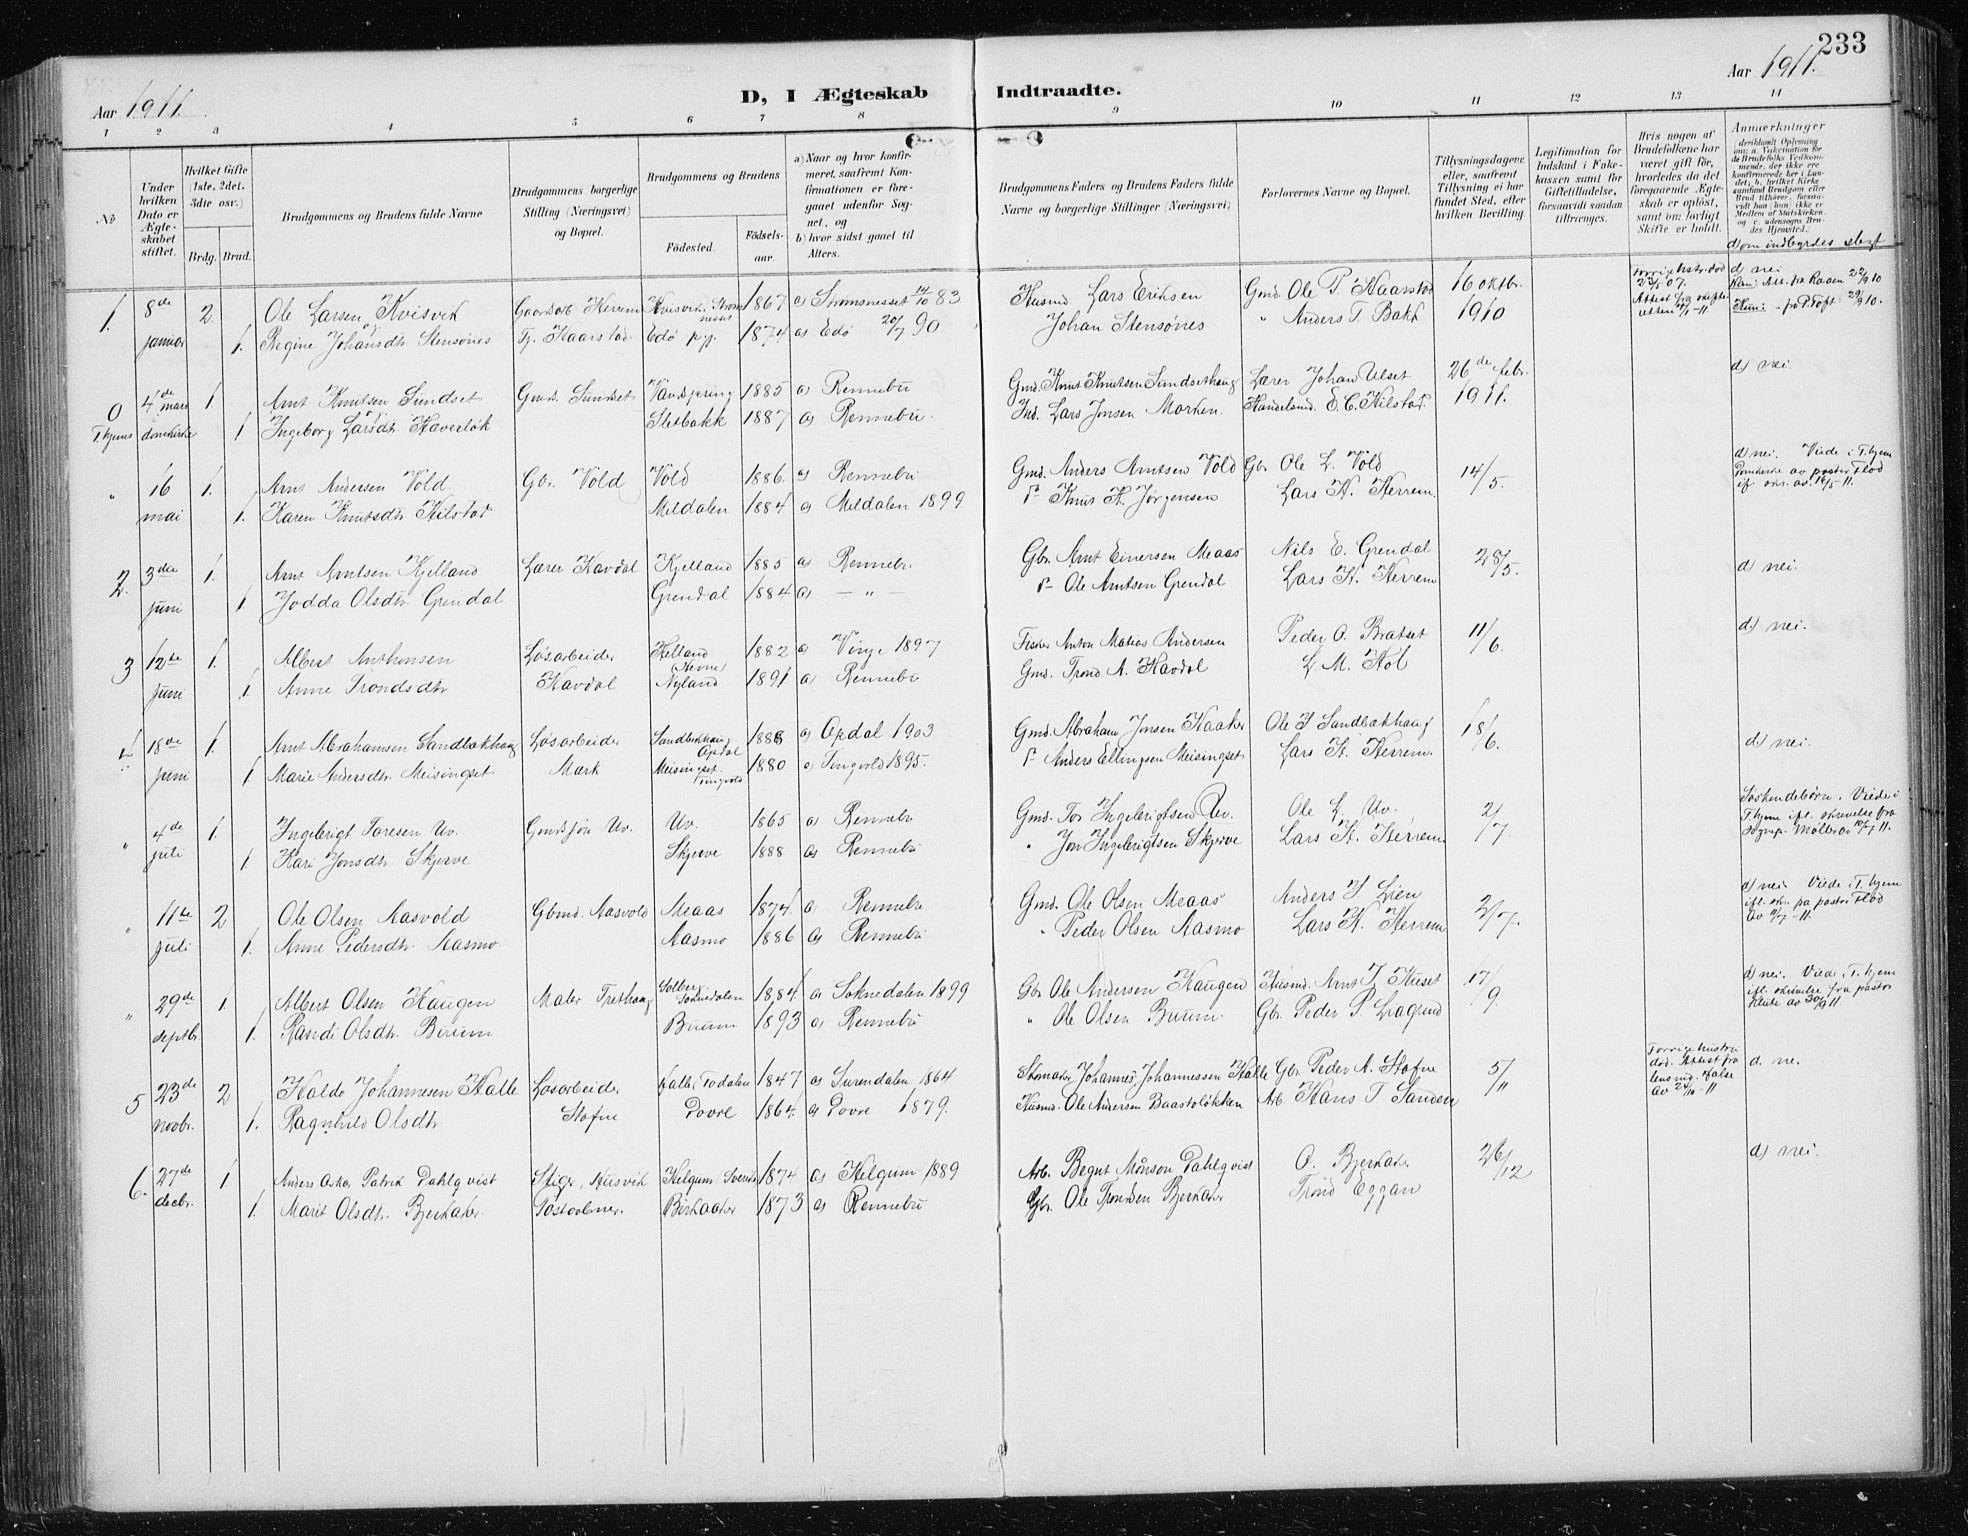 SAT, Ministerialprotokoller, klokkerbøker og fødselsregistre - Sør-Trøndelag, 674/L0876: Klokkerbok nr. 674C03, 1892-1912, s. 233